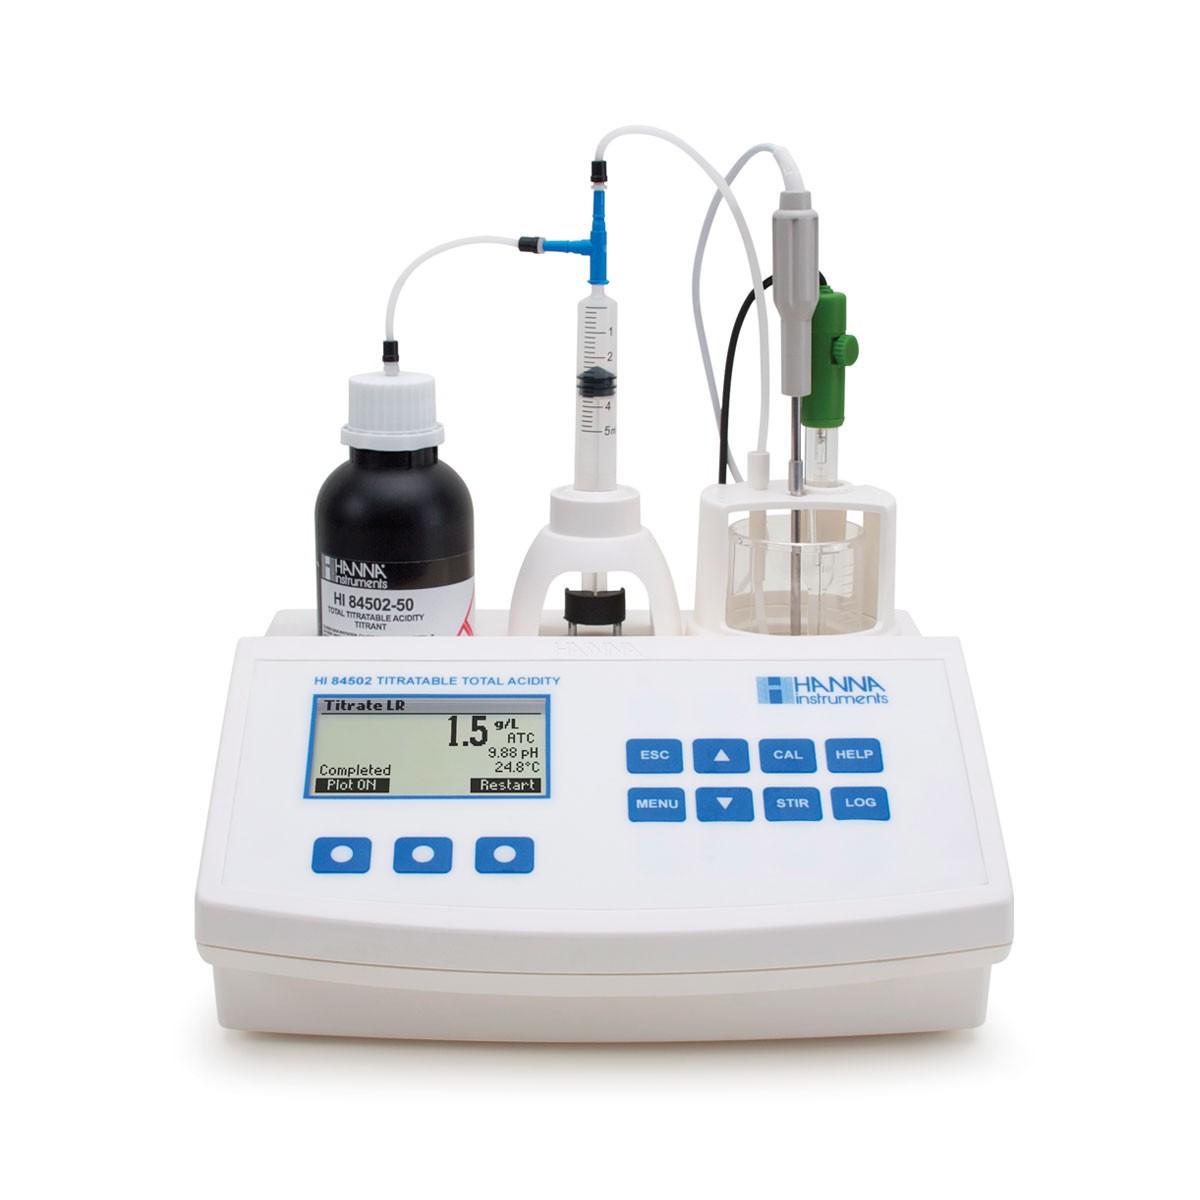 Thiết bị mini phân tích tổng nồng độ acid trong rượu HI84502 Hanna